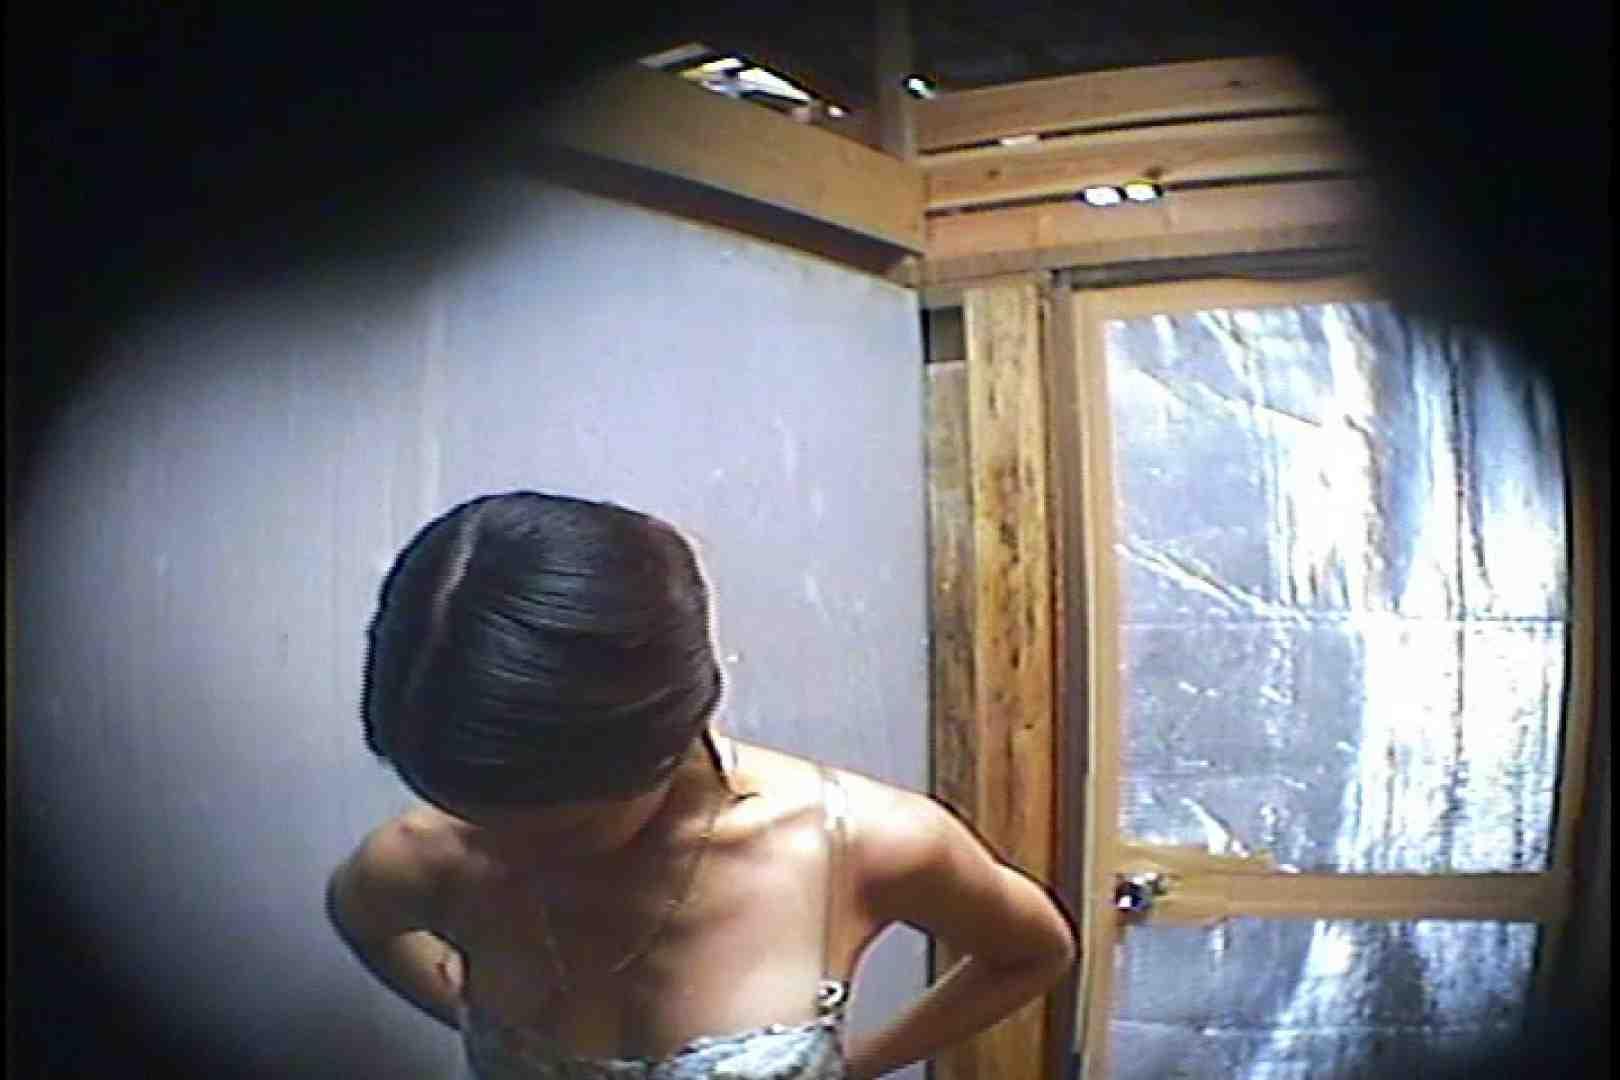 海の家の更衣室 Vol.45 高画質 オマンコ無修正動画無料 79画像 9